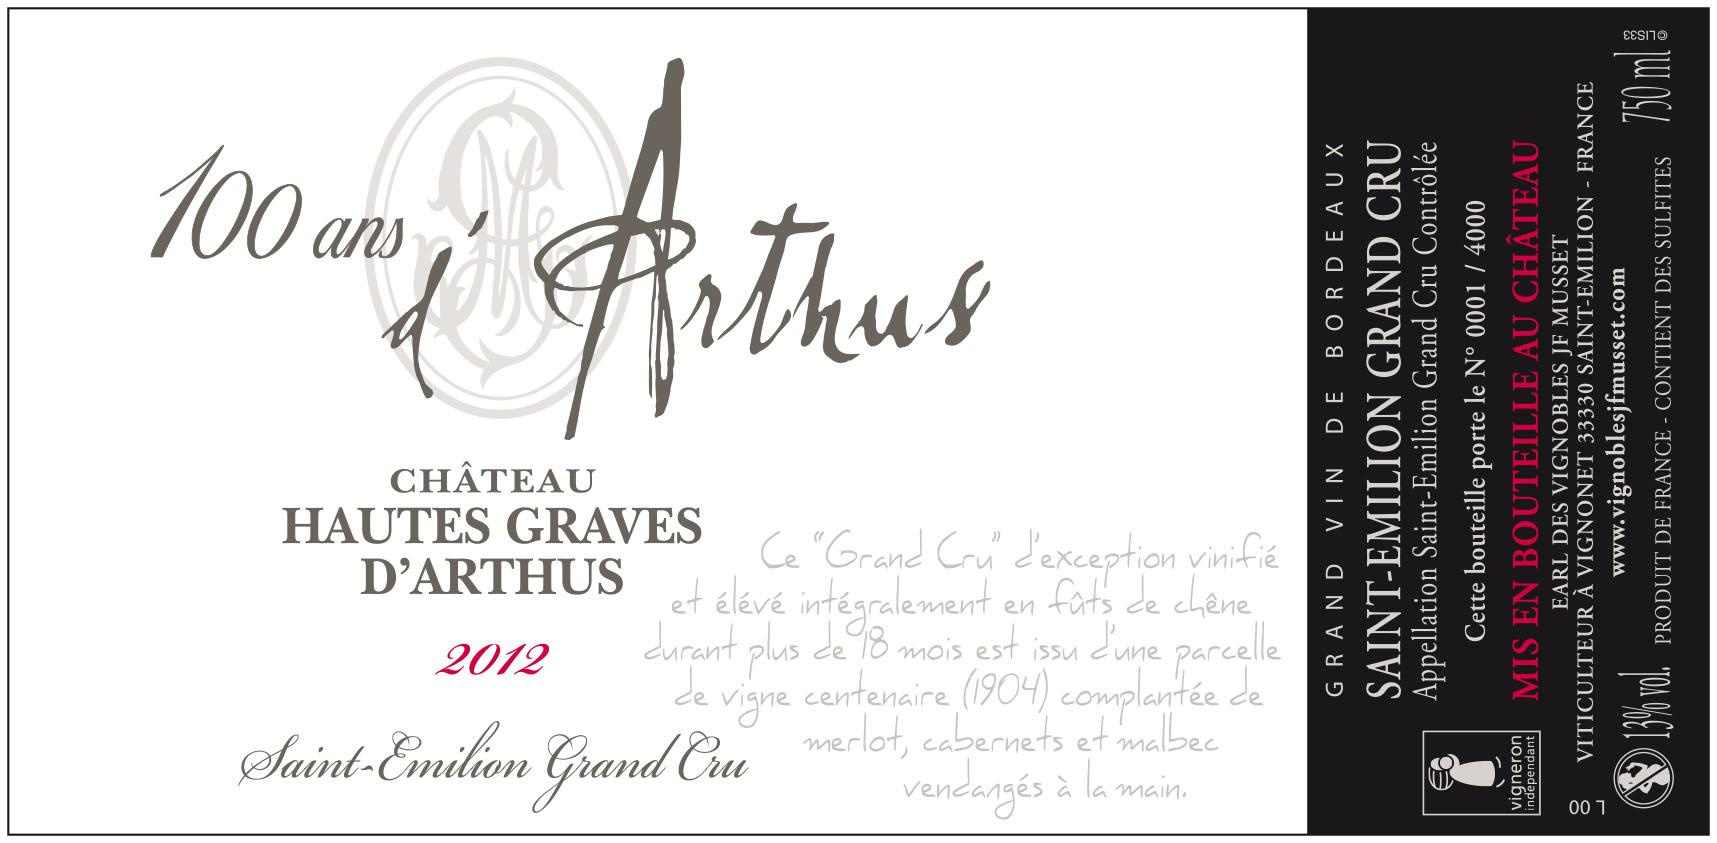 Etiquette HAUTES GRAVES D'ARTHUS CUVÉE 100 ANS